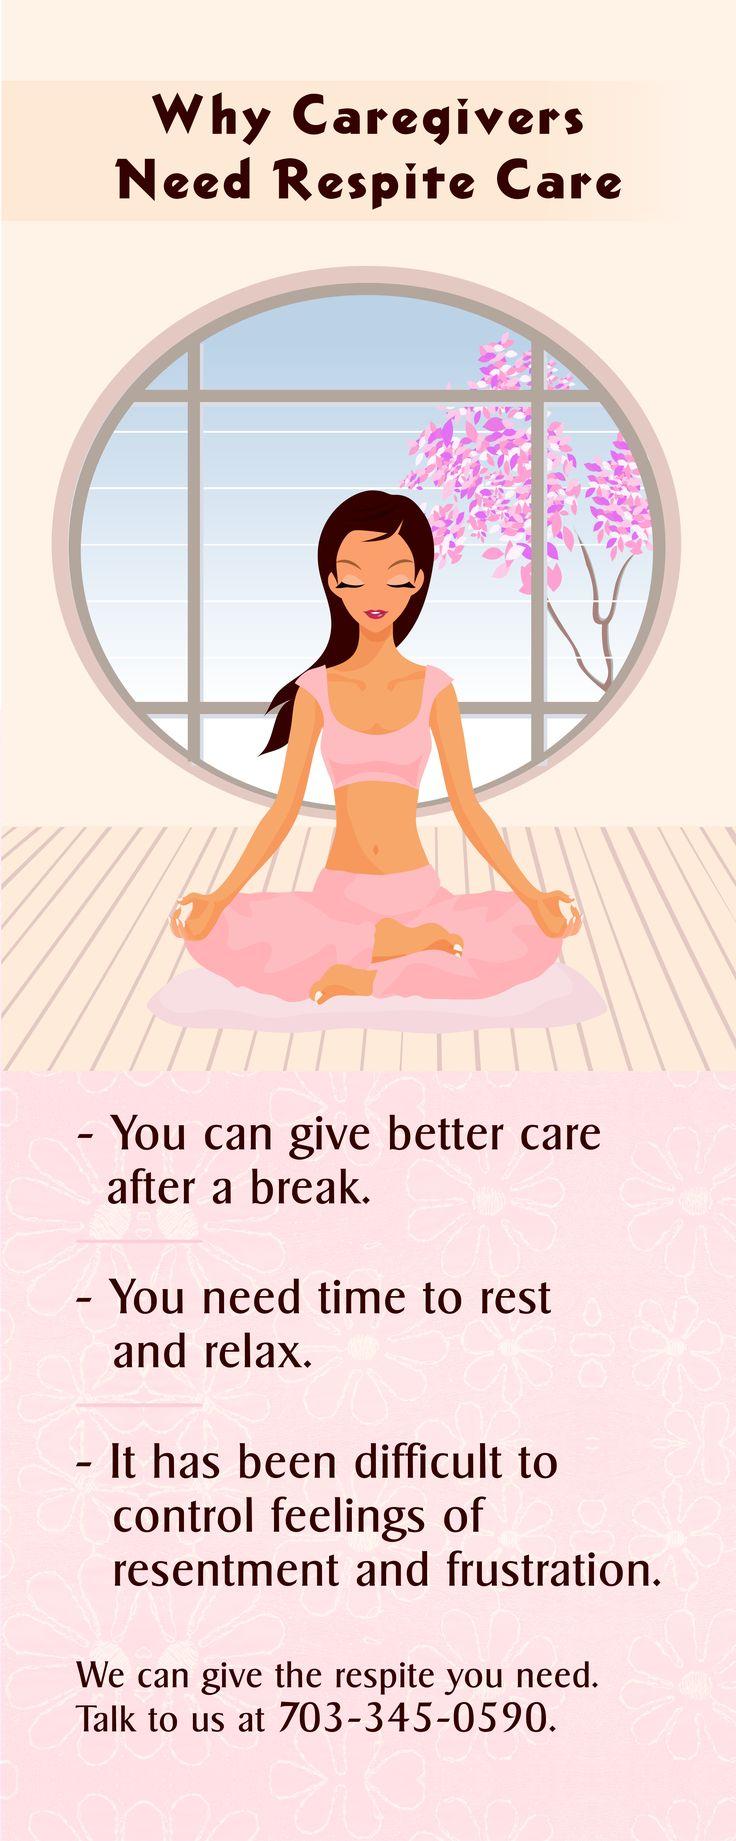 Why Caregivers Need Respite Care #caregiver #respitecare